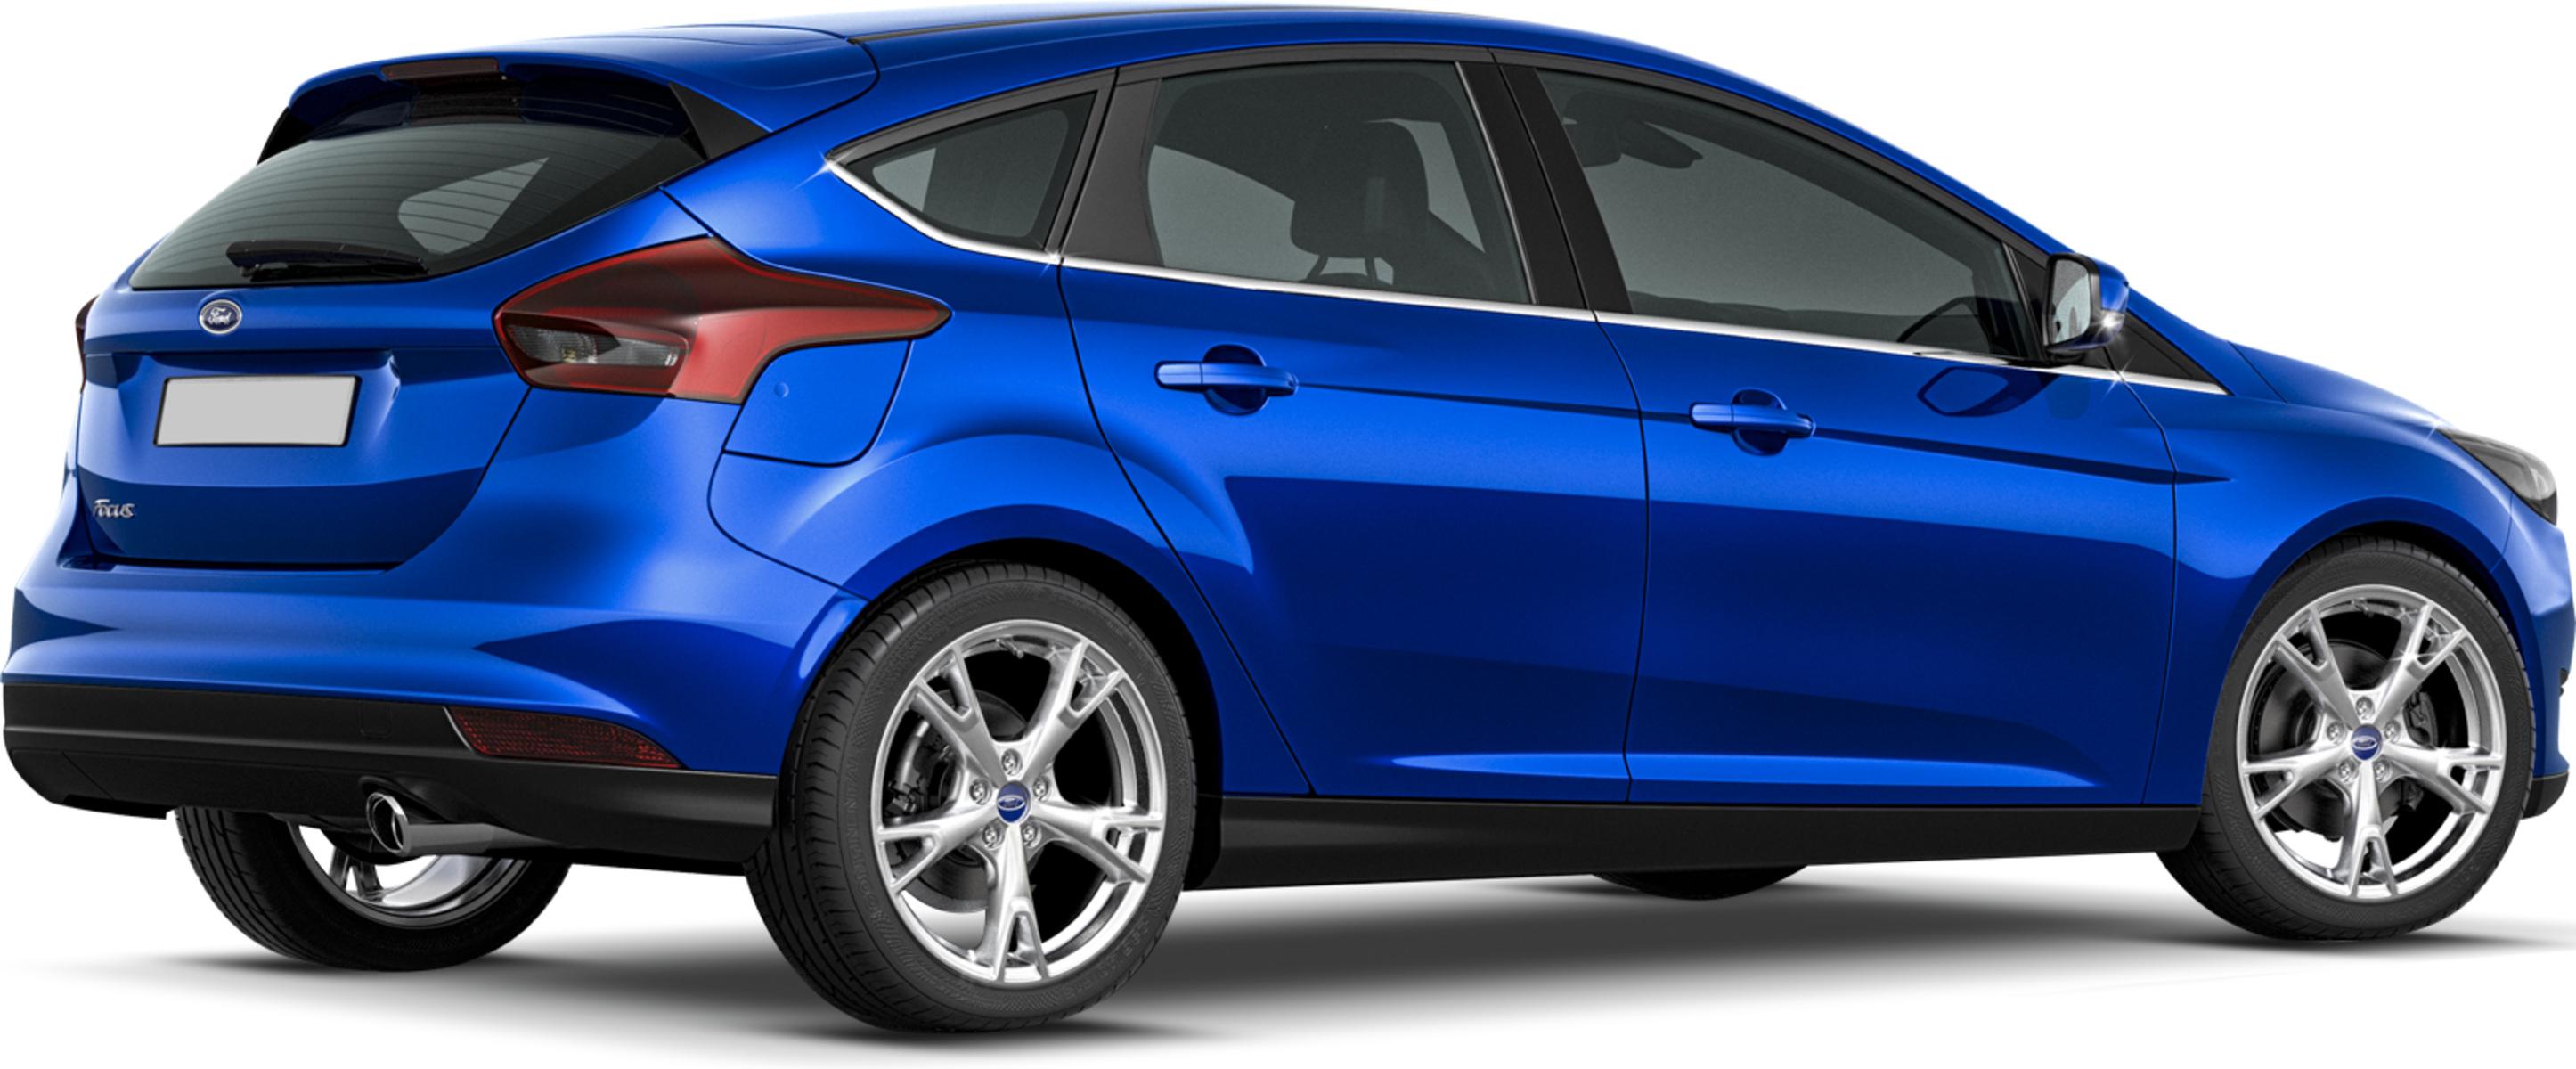 Listino Ford Focus Prezzo Scheda Tecnica Consumi